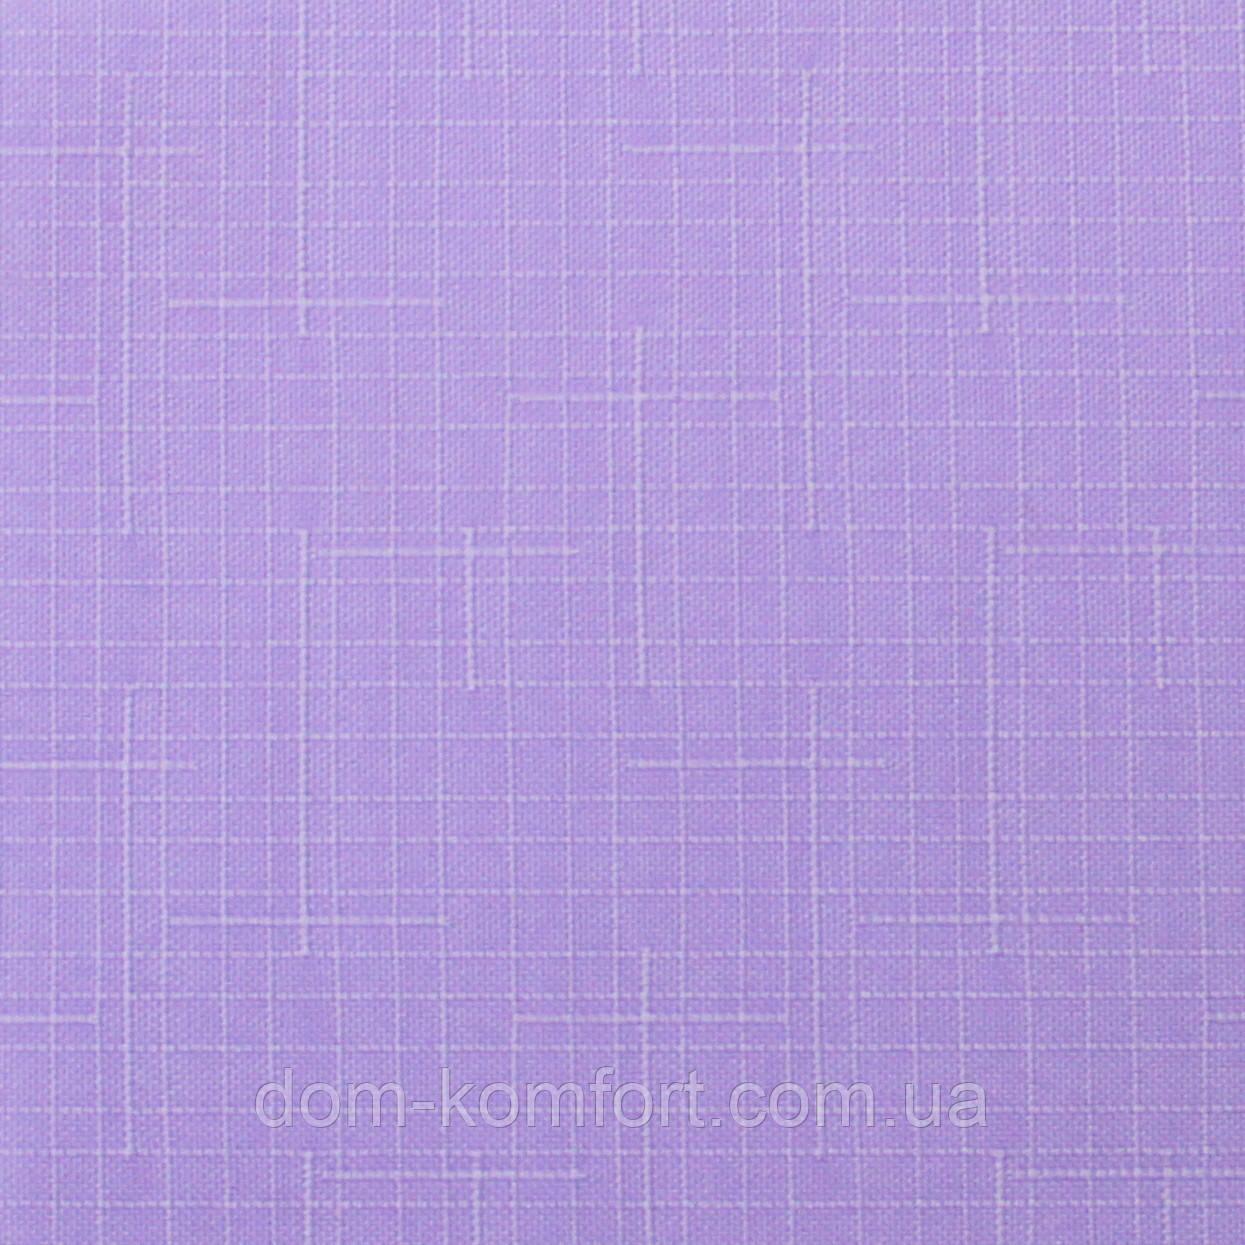 Ролеты тканевые Ткань Лён 7438 Сирень